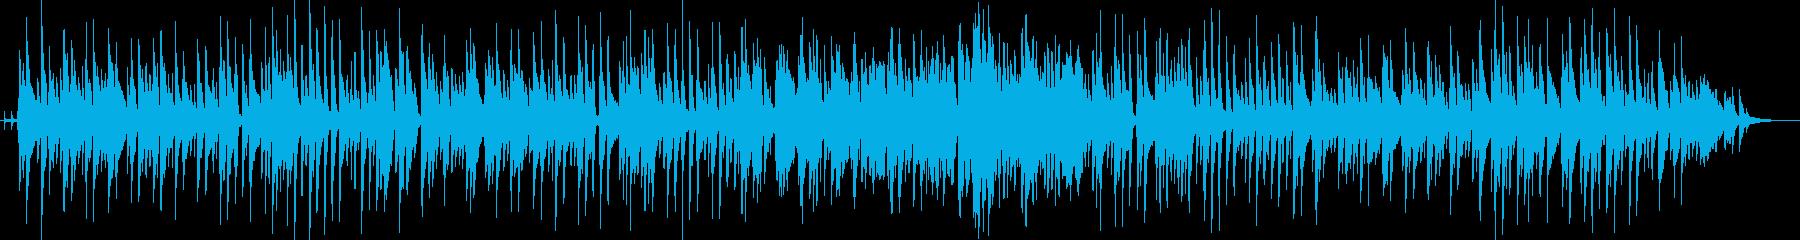 ジュピター JAZZピアノトリオの再生済みの波形